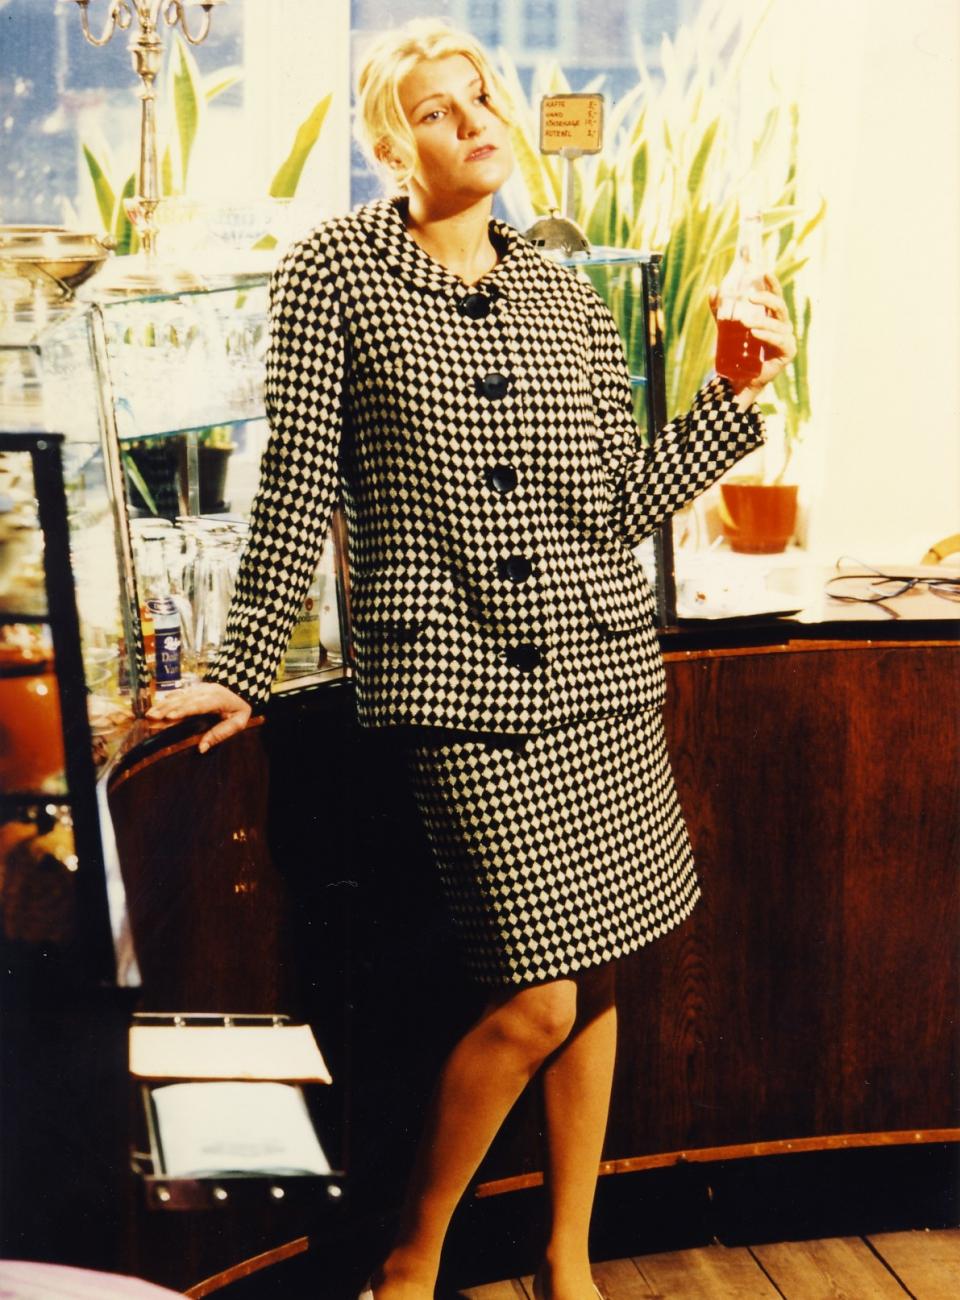 Spadseredragt fra 1960'erne, vintage, pepita tern, 60'er vintage mode